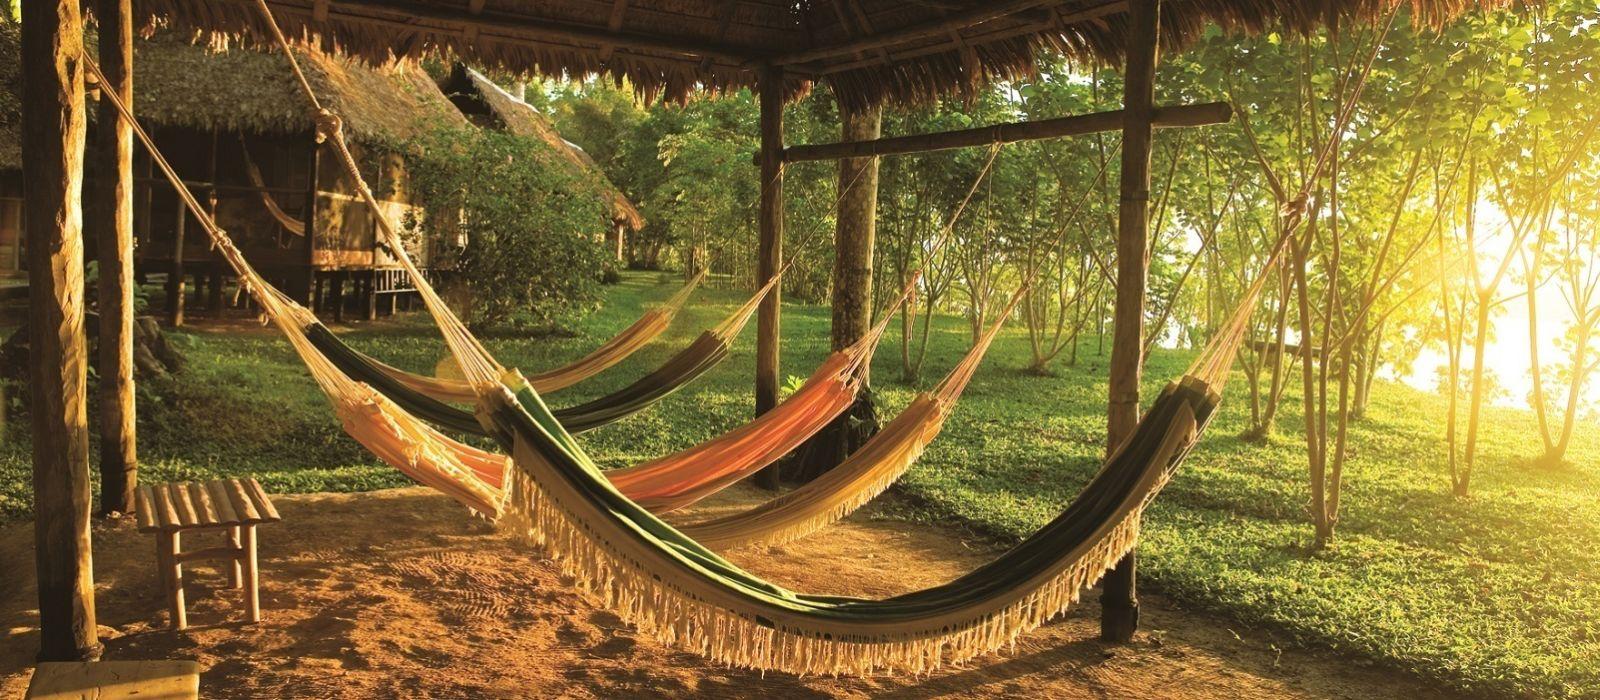 Peru Erlebnisreise: Die Anden und der Amazonas Urlaub 7